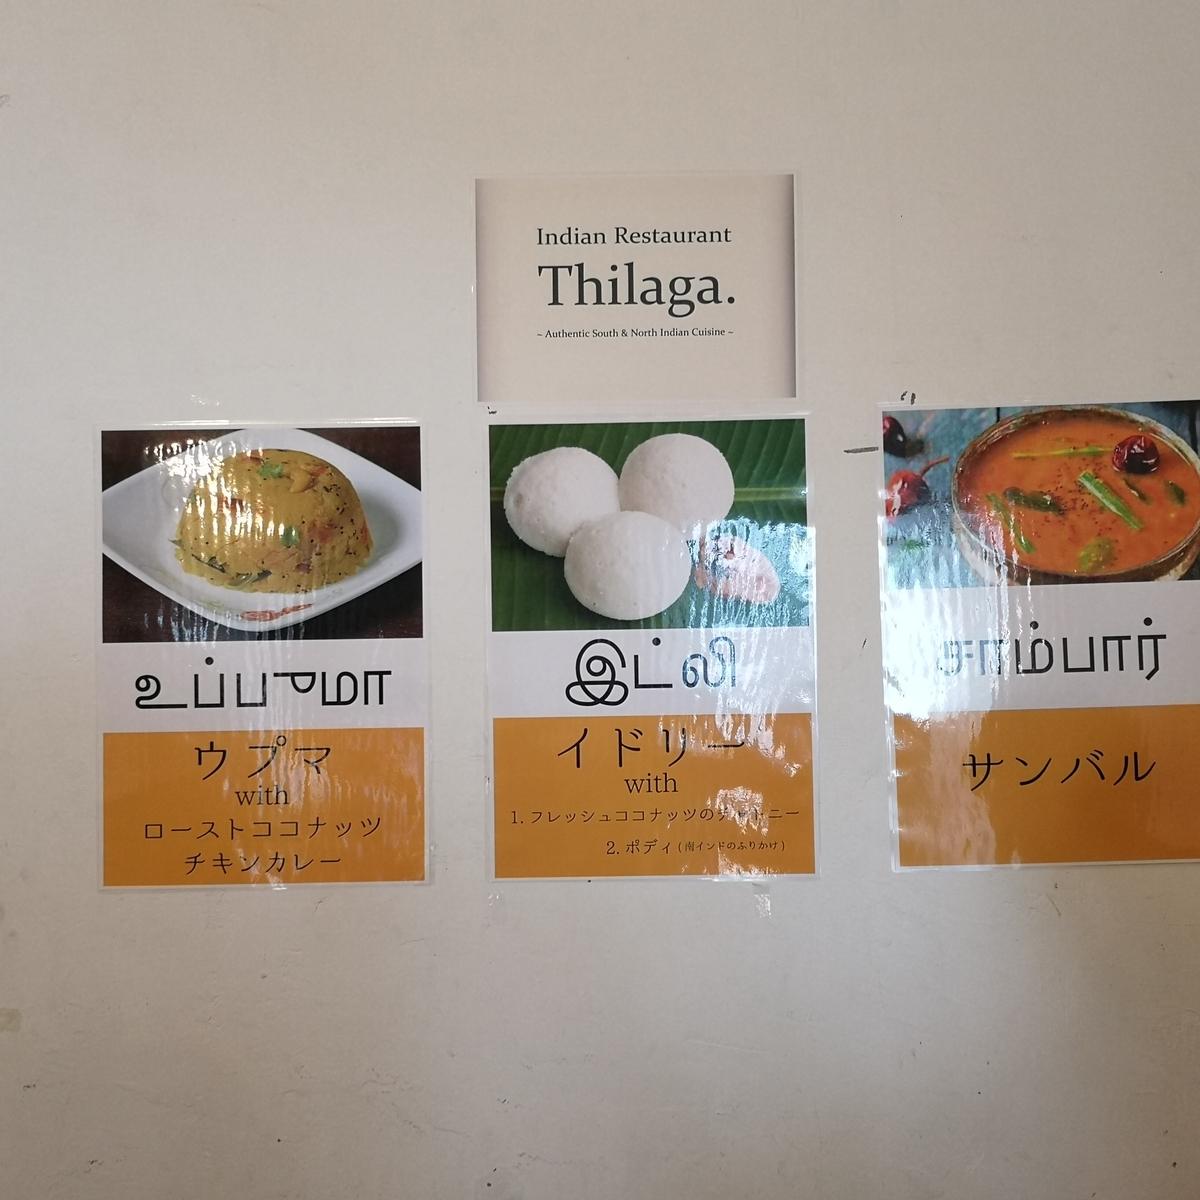 カレー事情聴取スパイス定食&バルVol.7 2019年10月20日 ティラガ メニュー